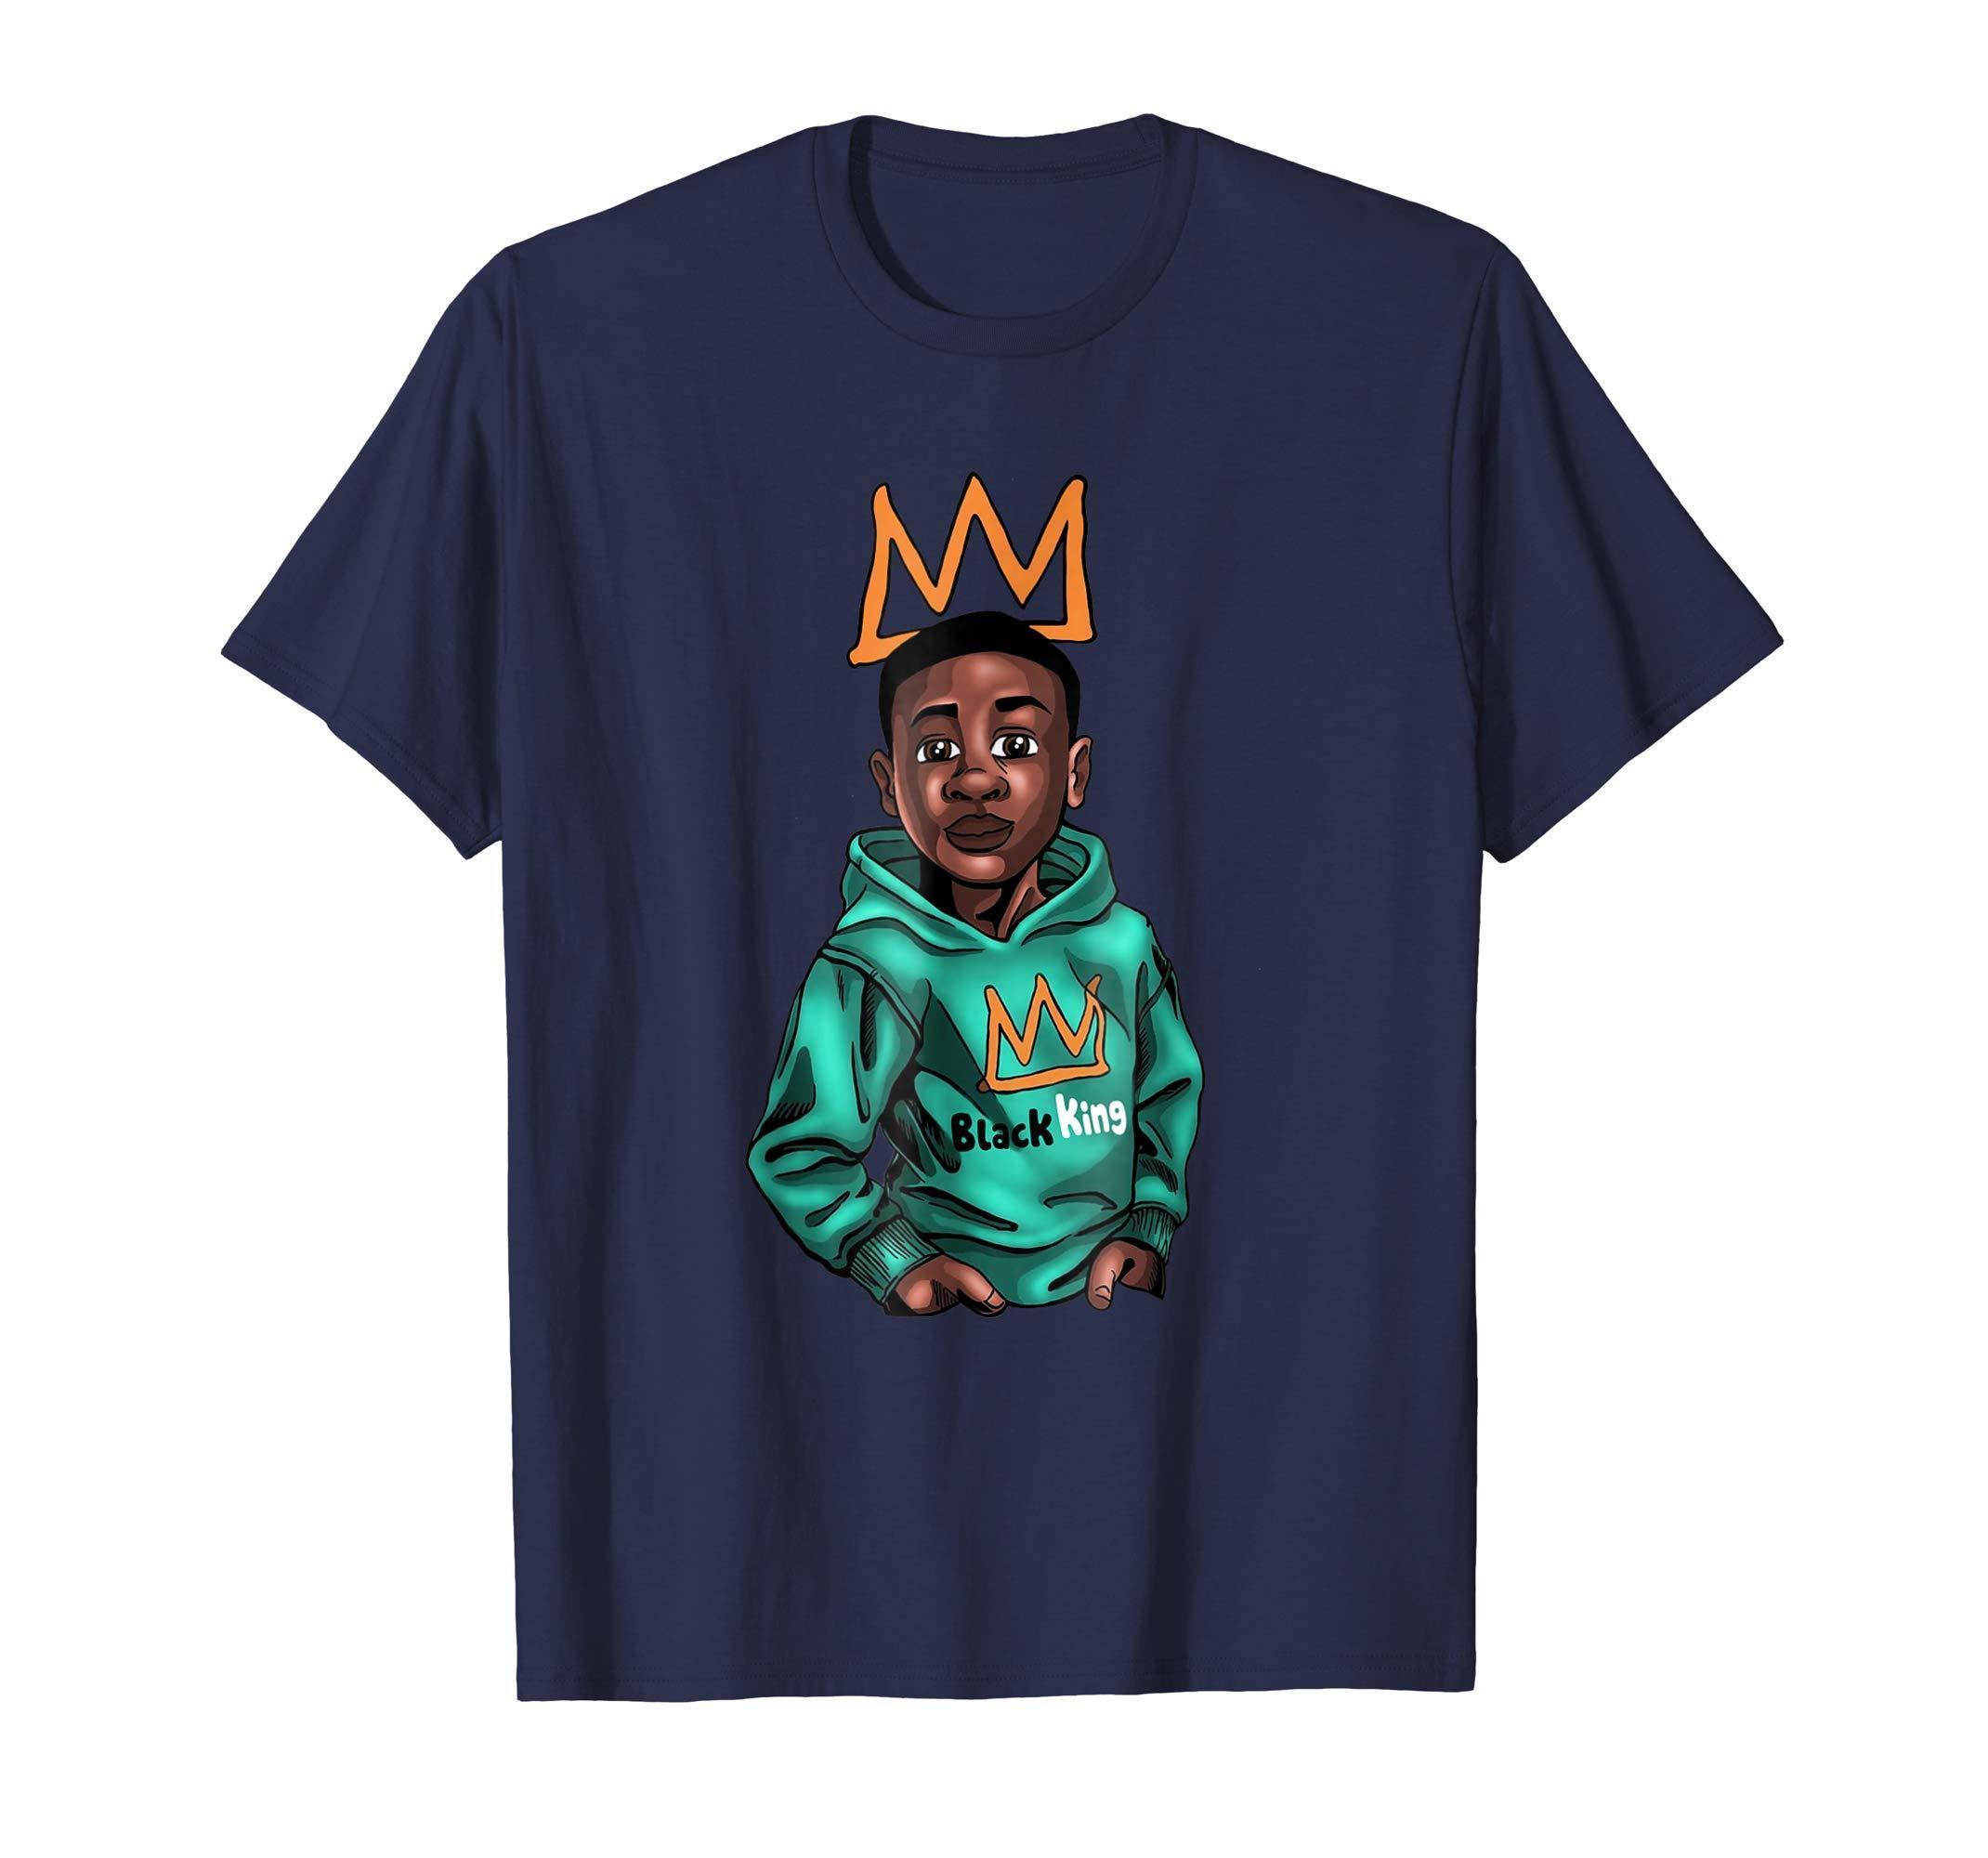 Order Black King Shirt For